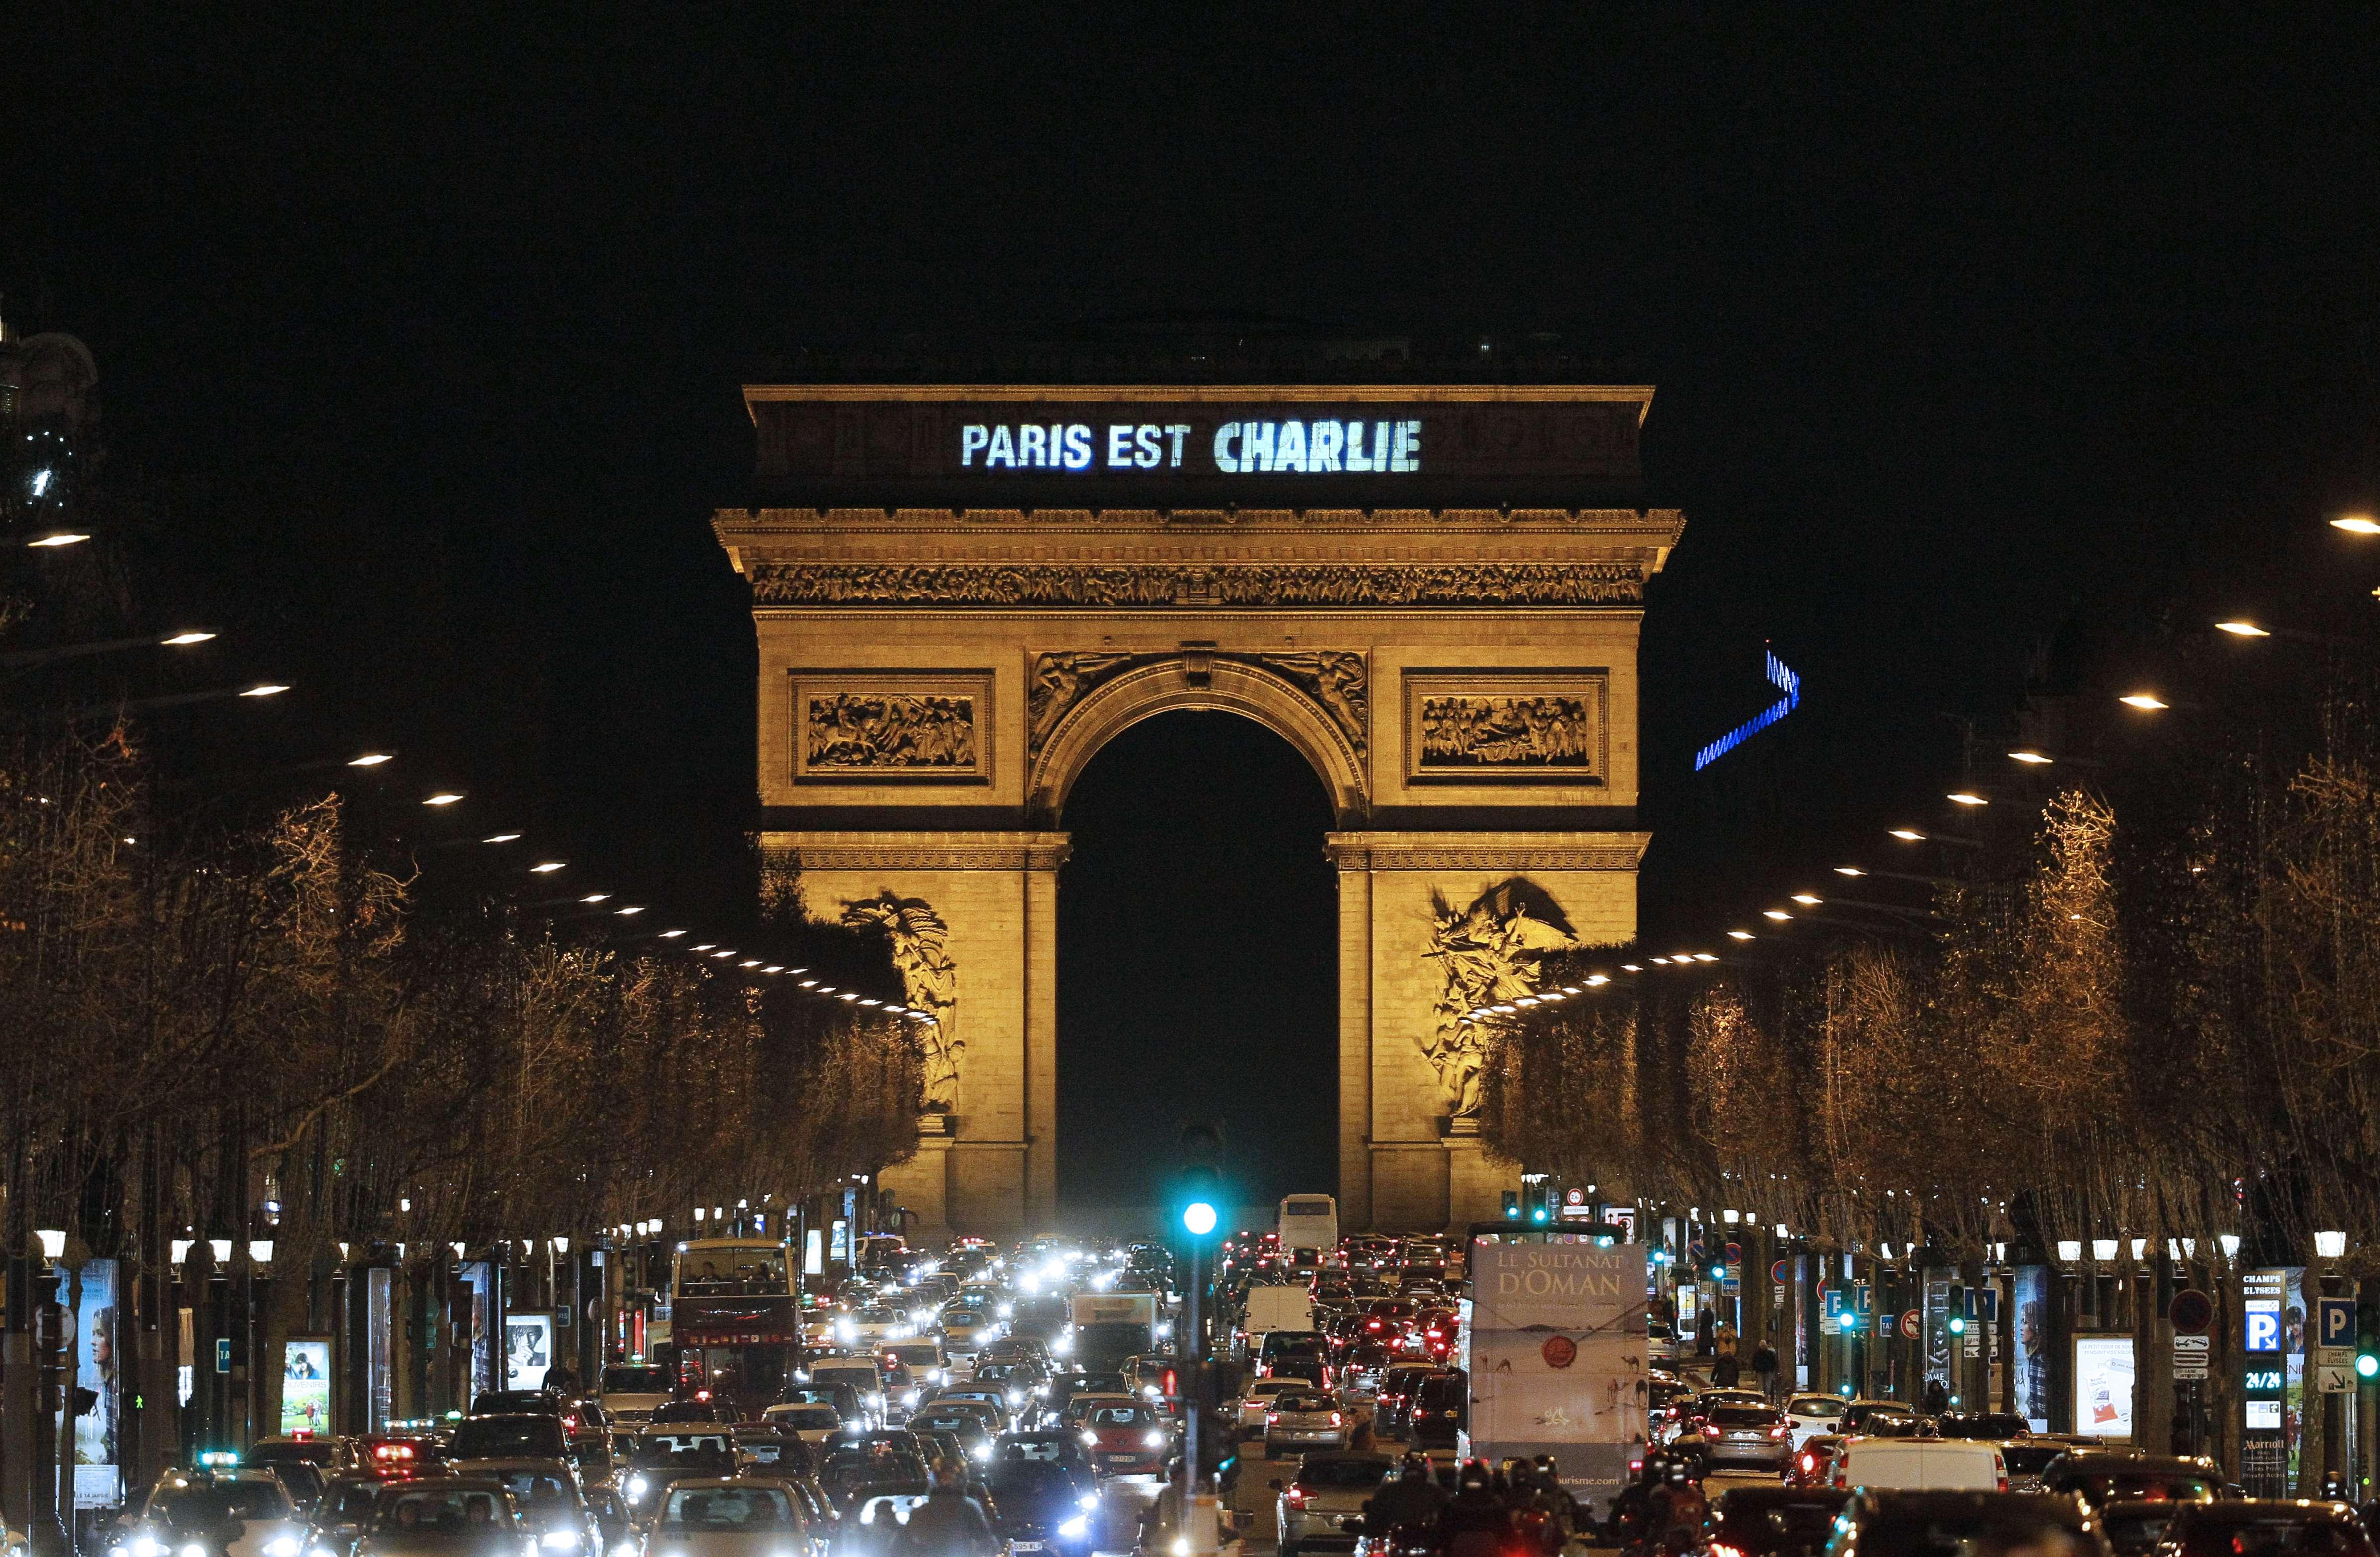 Catalin Radu Tanase transmite din Franta, LIVE UPDATE: 48 de ore de cosmar. Criza ostaticilor a luat sfarsit